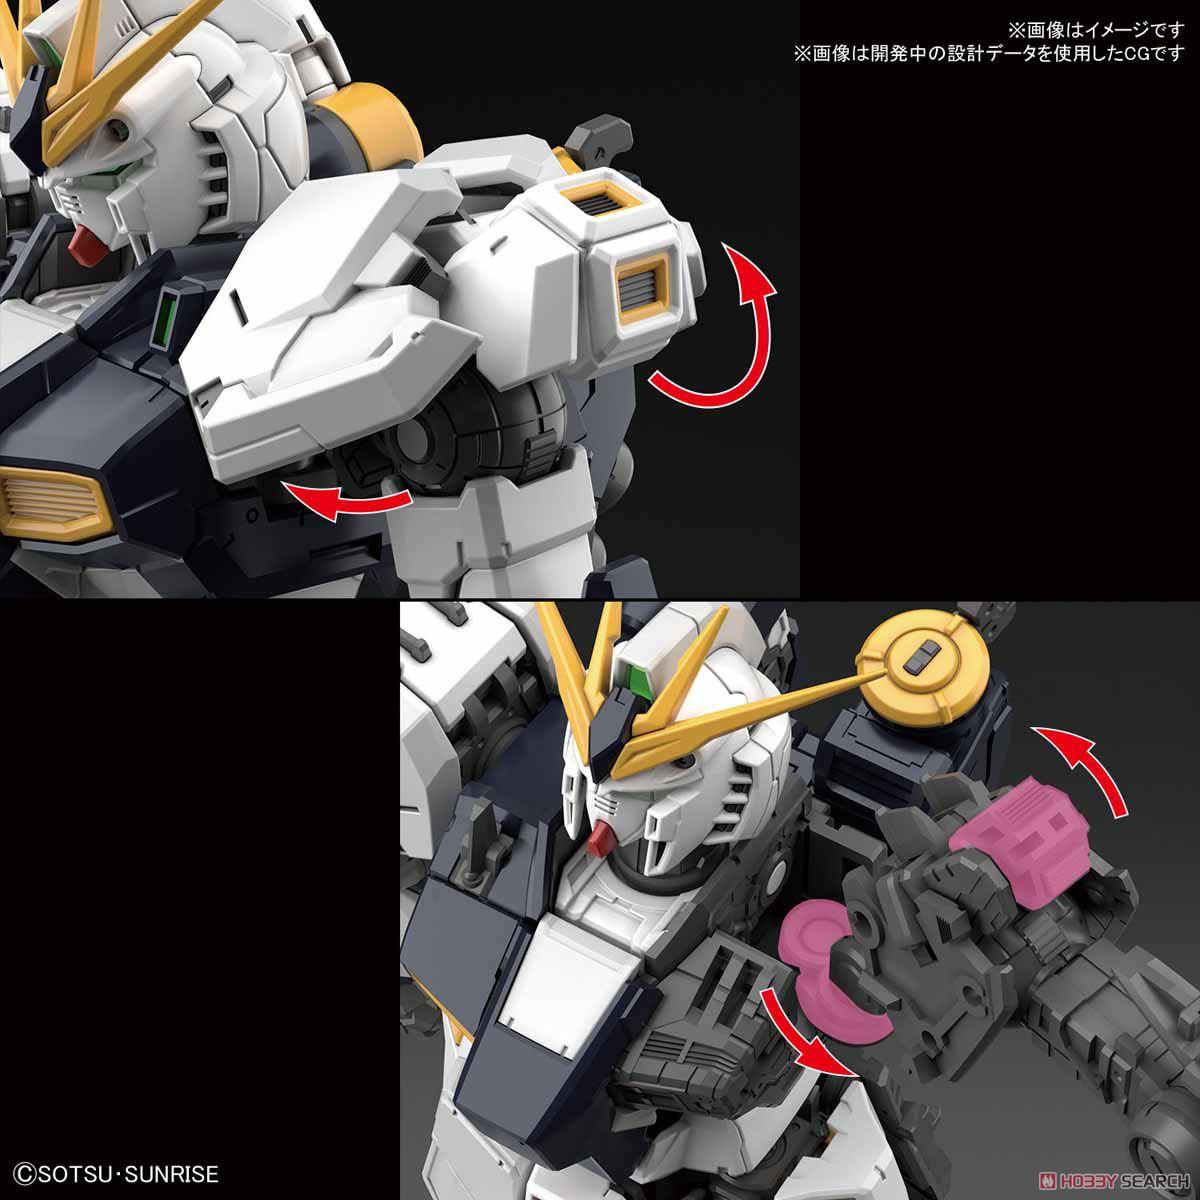 【再販】RG 1/144『νガンダム』逆襲のシャア プラモデル-005